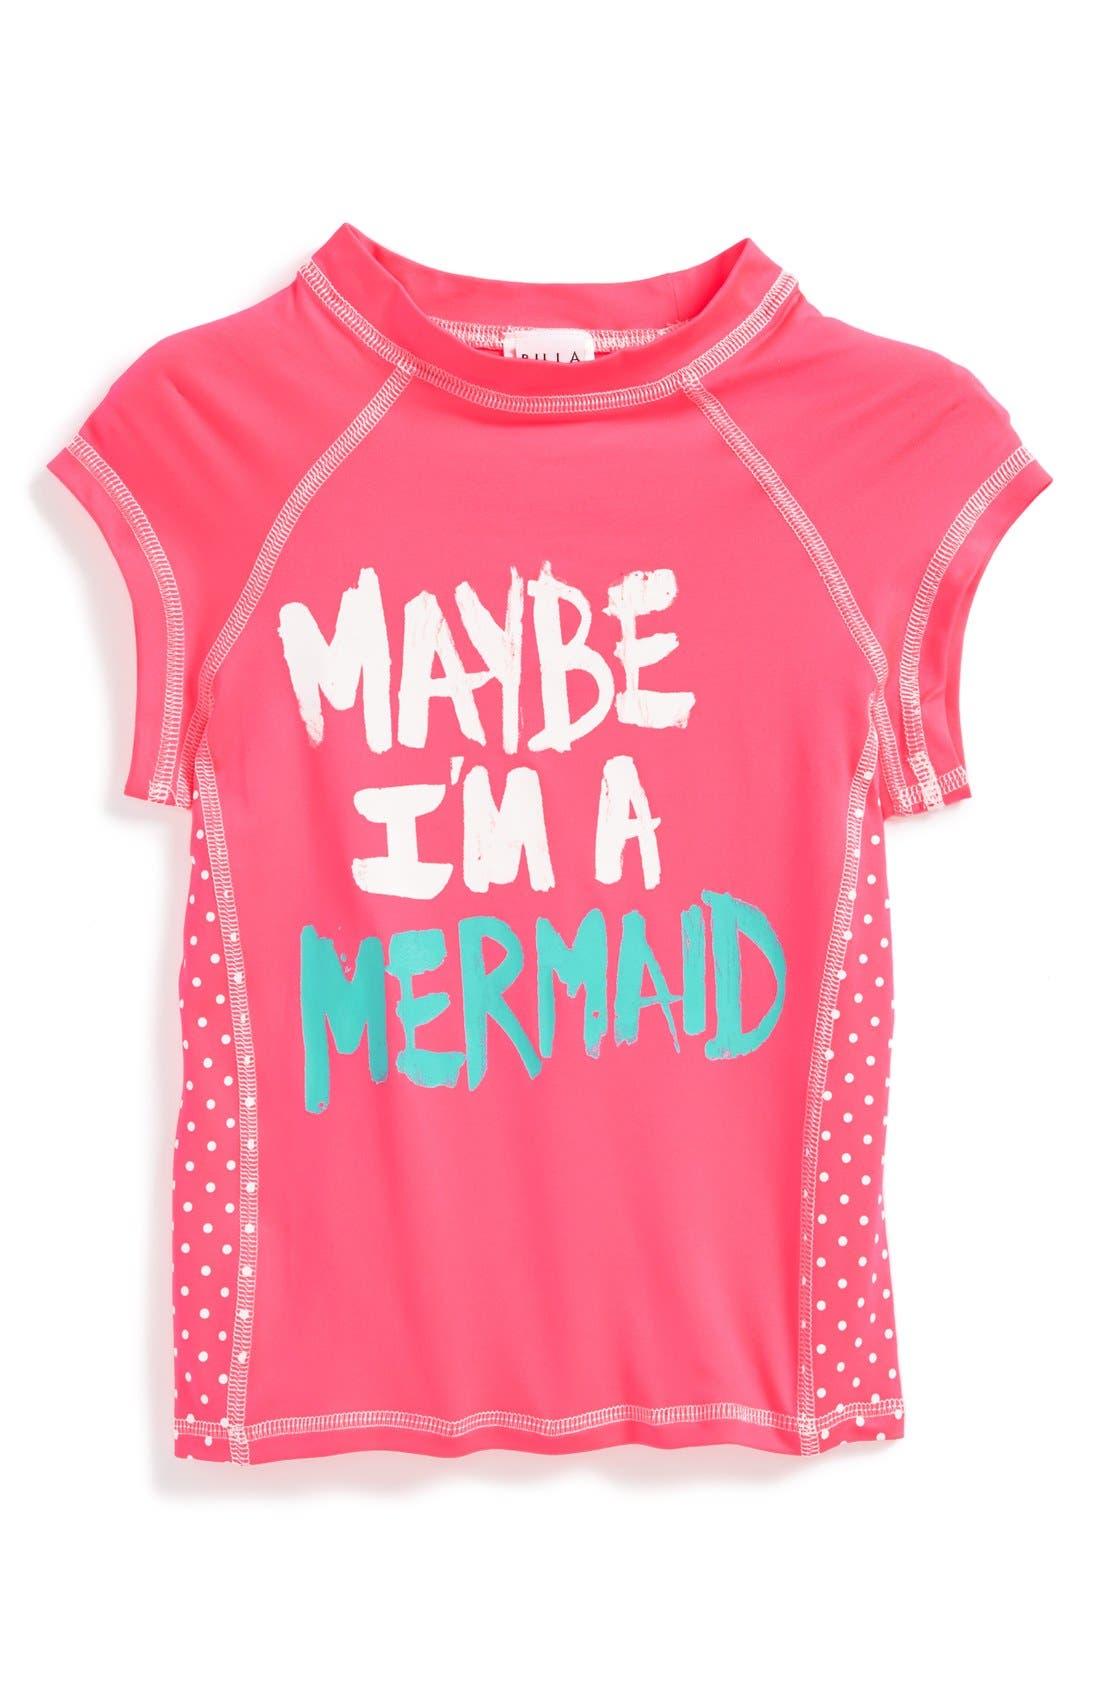 Alternate Image 1 Selected - Billabong 'Mermaid' Rashguard Tee (Little Girls)(Online Only)